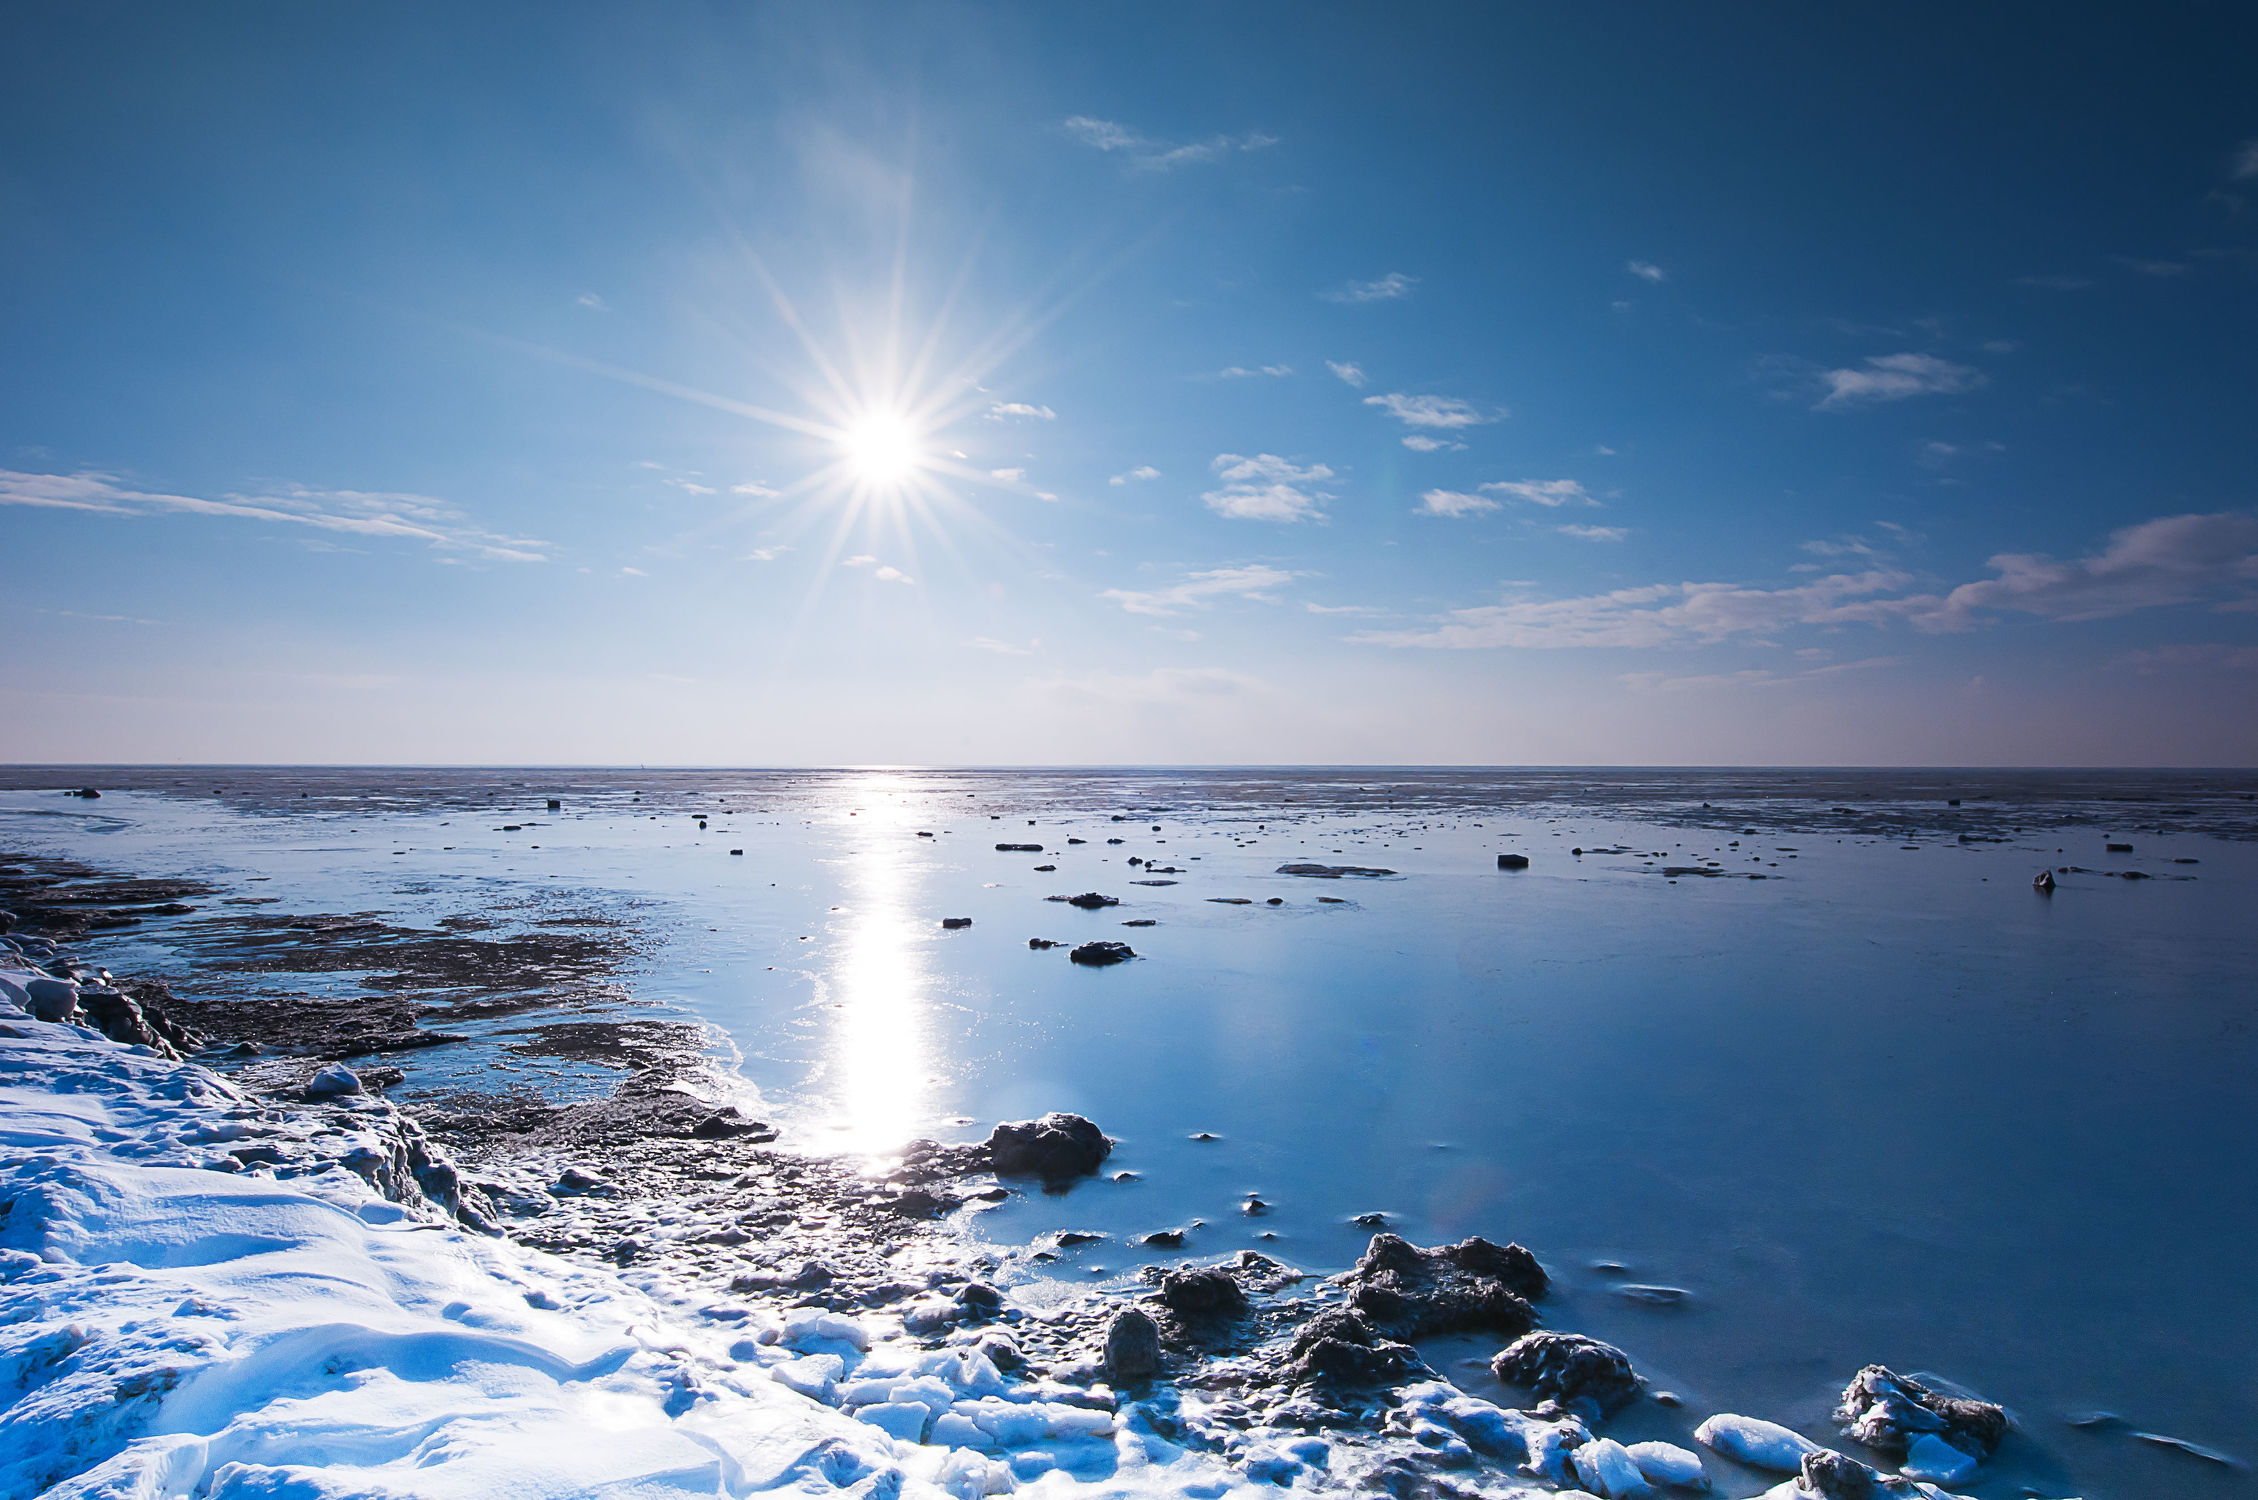 Bild mit Natur, Landschaften, Himmel, Winter, Winter, Schnee, Schnee, Eis, Strände, Strand, Meer, Weg, Landschaft, Weihnachten, winterlandschaft, winterlandschaft, Winterlandschaften, Am Meer, Winterbilder, Kälte, Frost, Frost, Winterbild, winterwunder